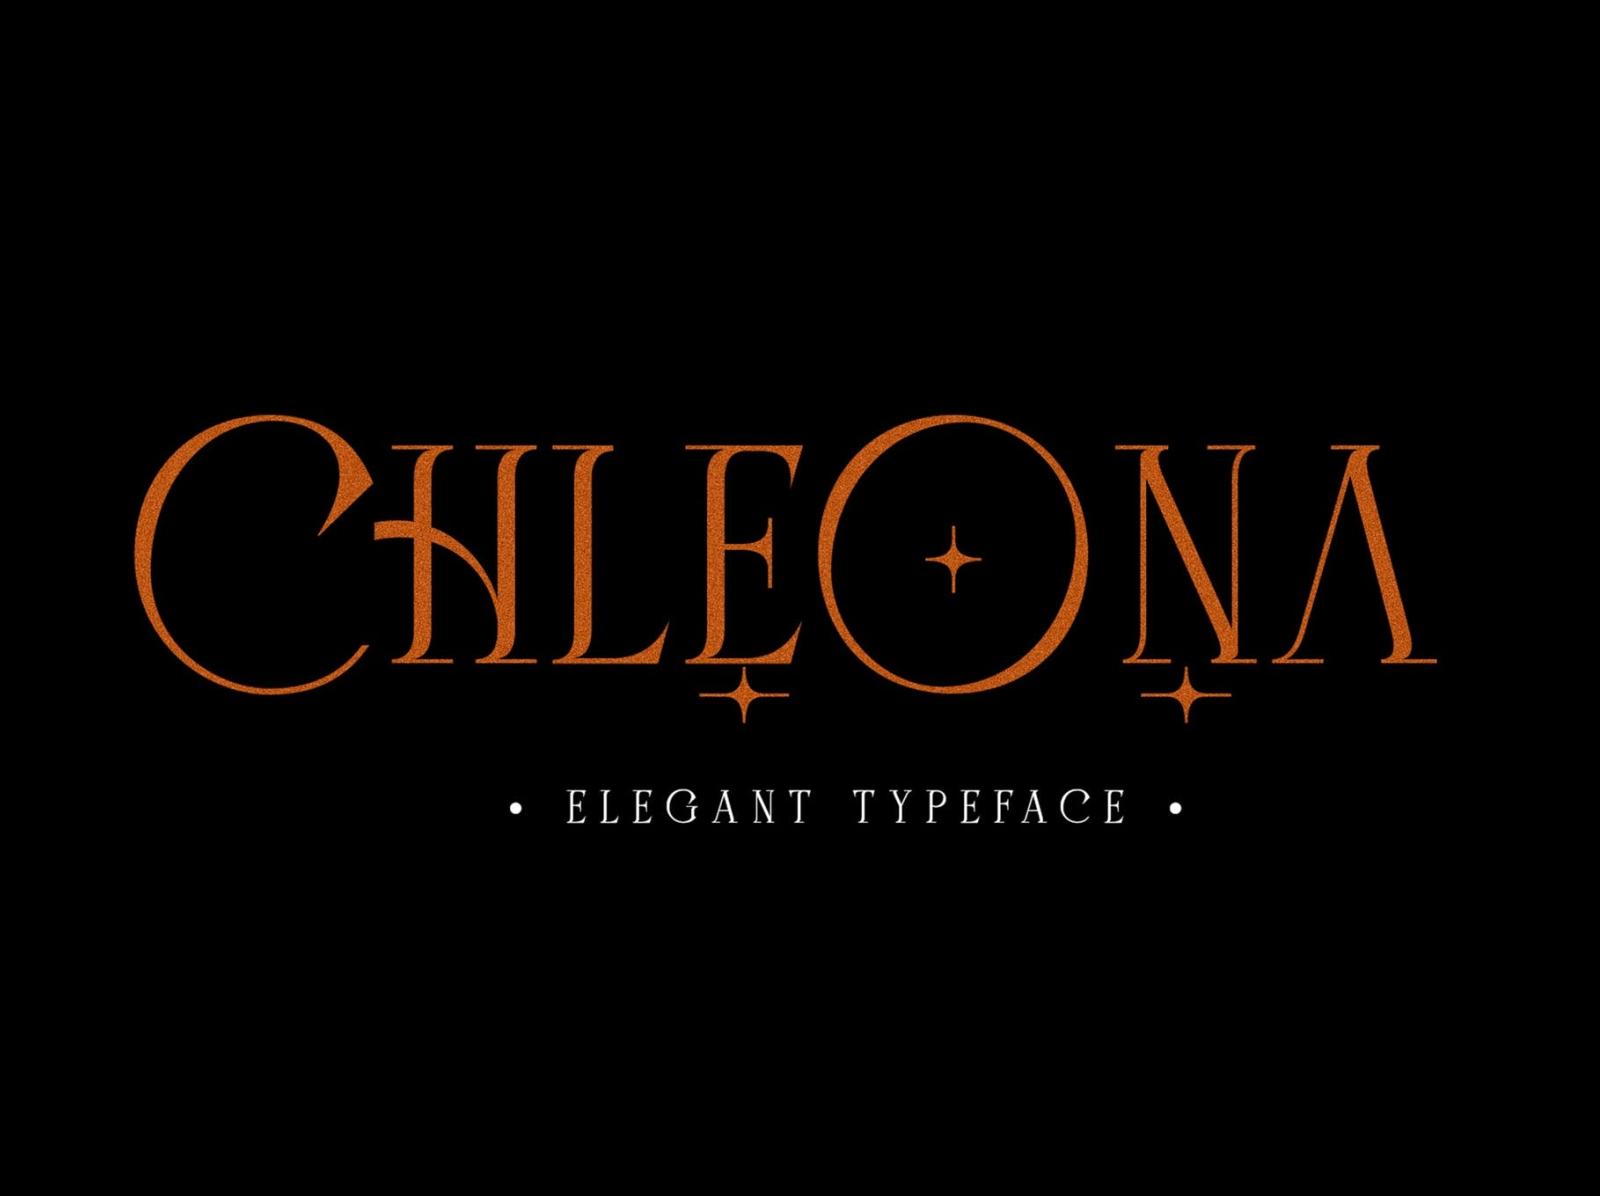 Chleona Elegant Font vintage serif elegant display font ux vector ui logo app typography illustration graphic design design branding